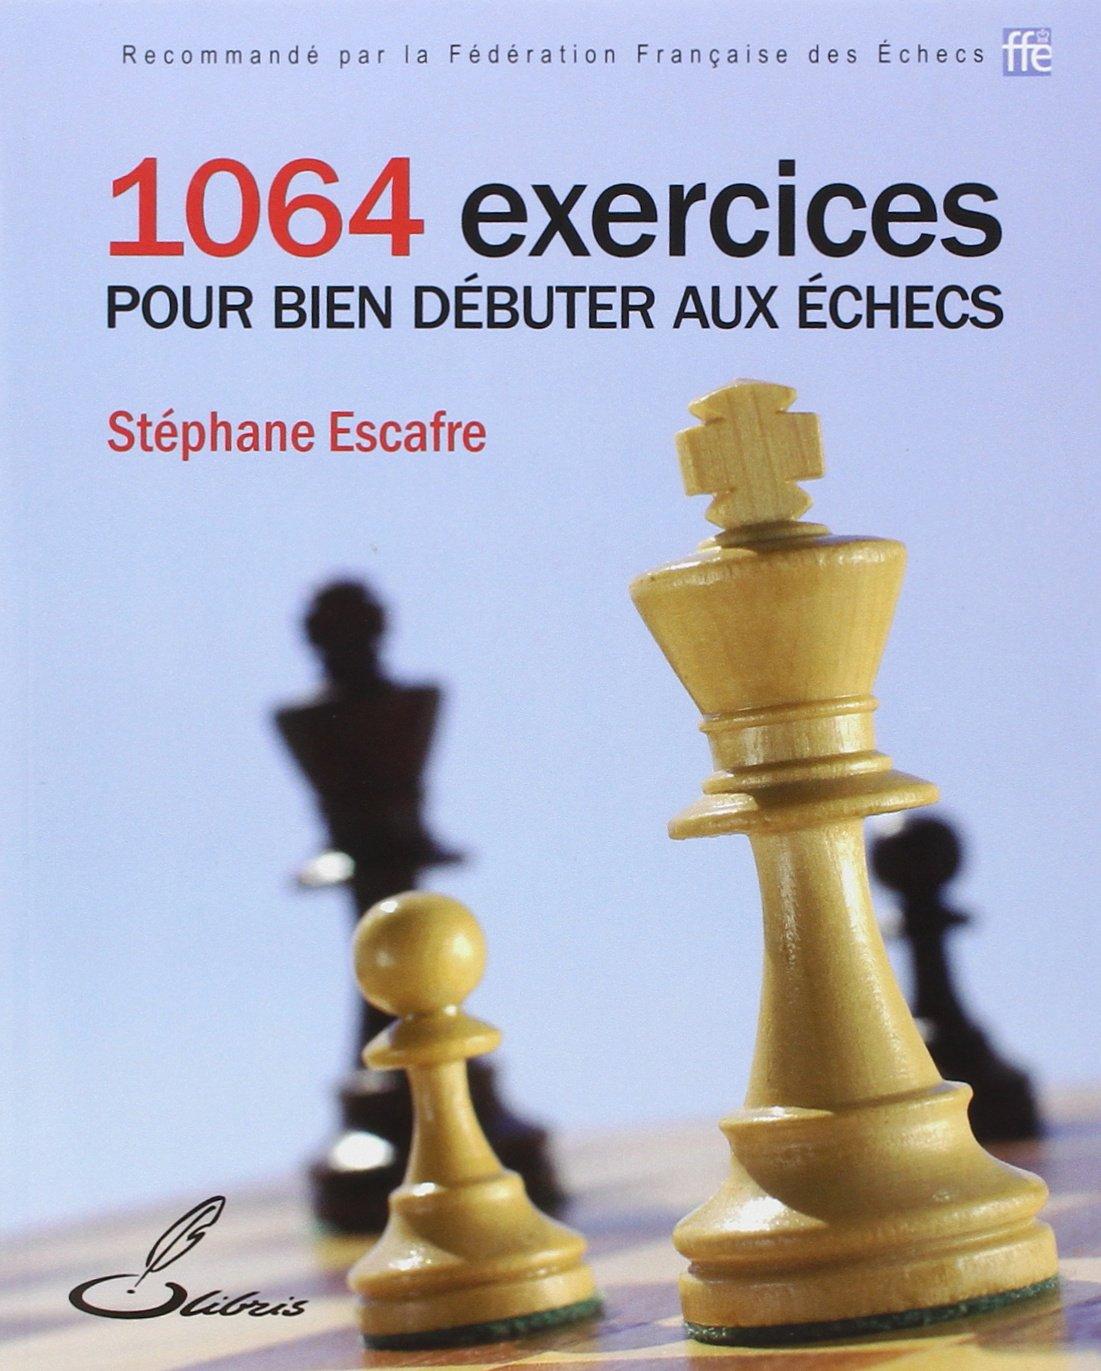 1064 exercices pour bien débuter aux échecs: 9782916340500: Amazon.com:  Books